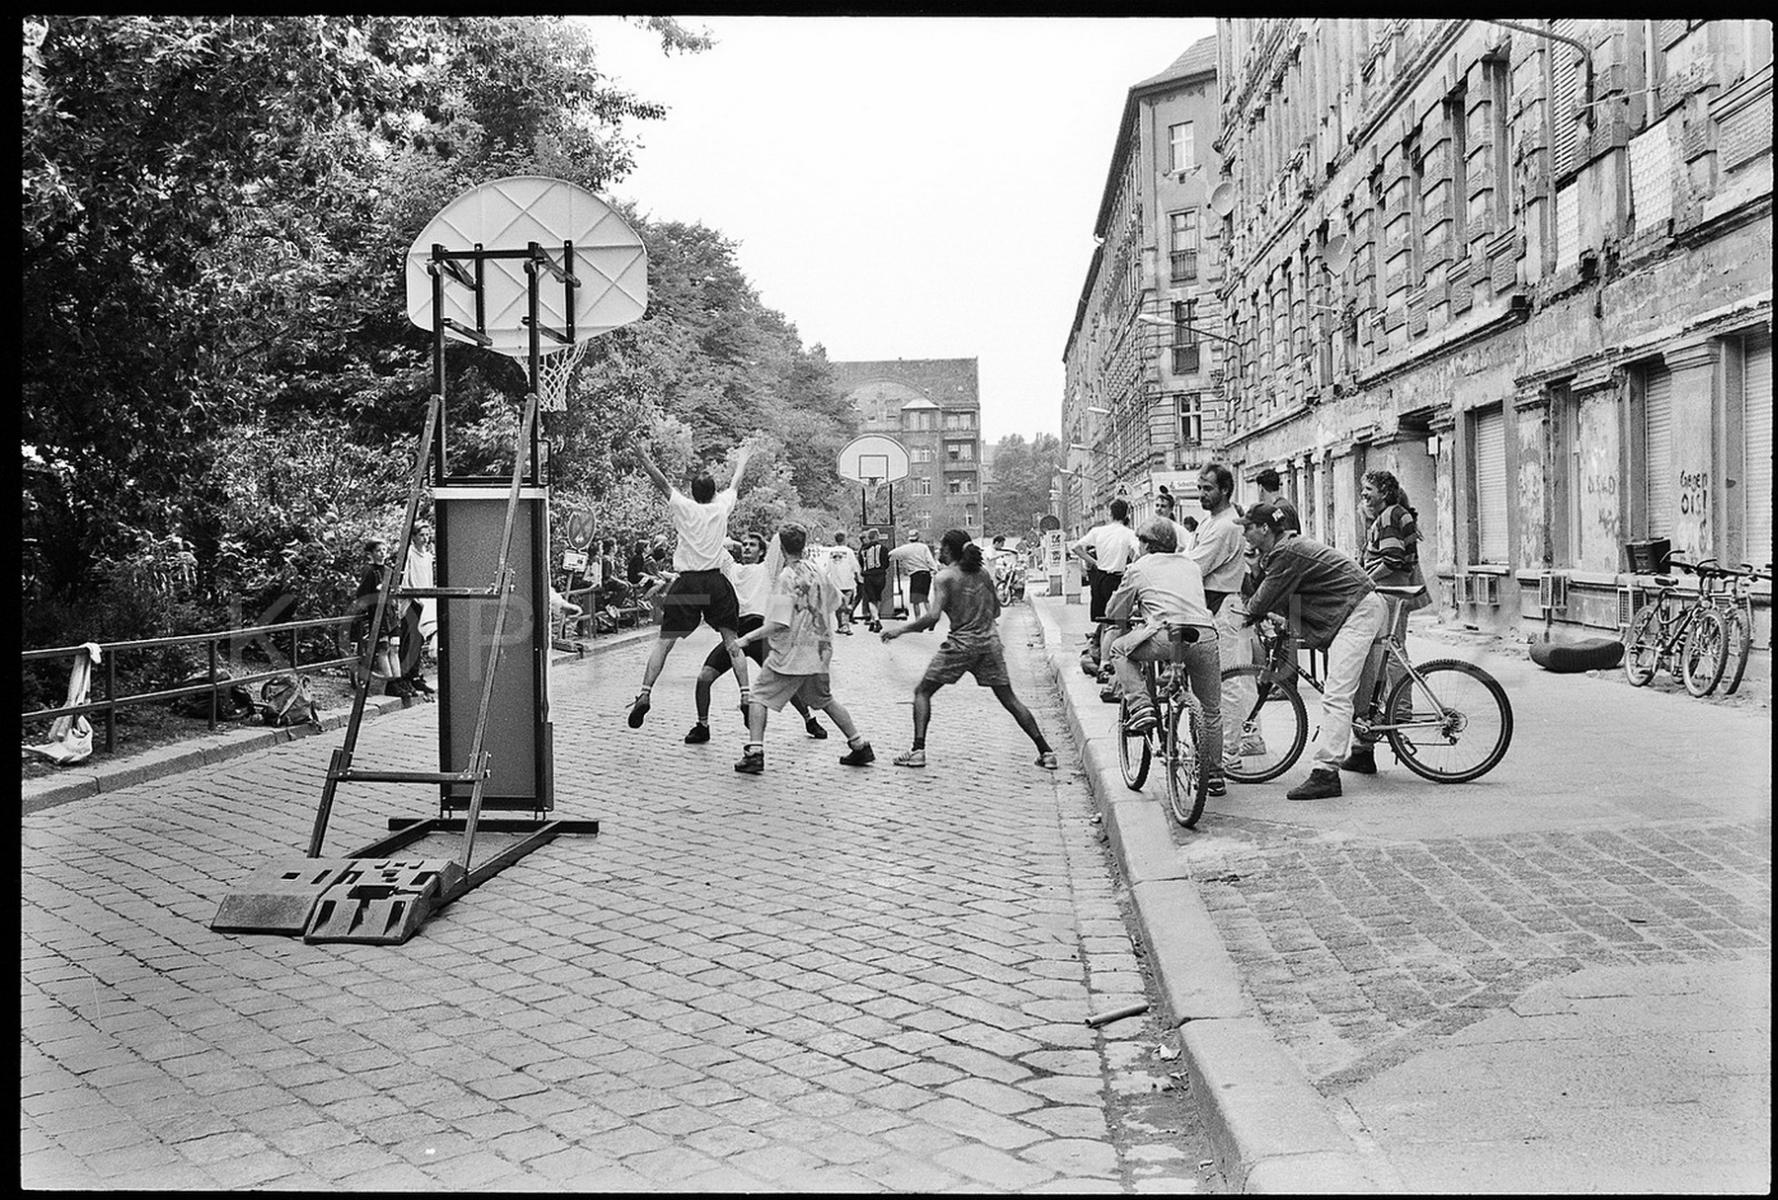 Nr02-041_Lettestraße 15.5.1993